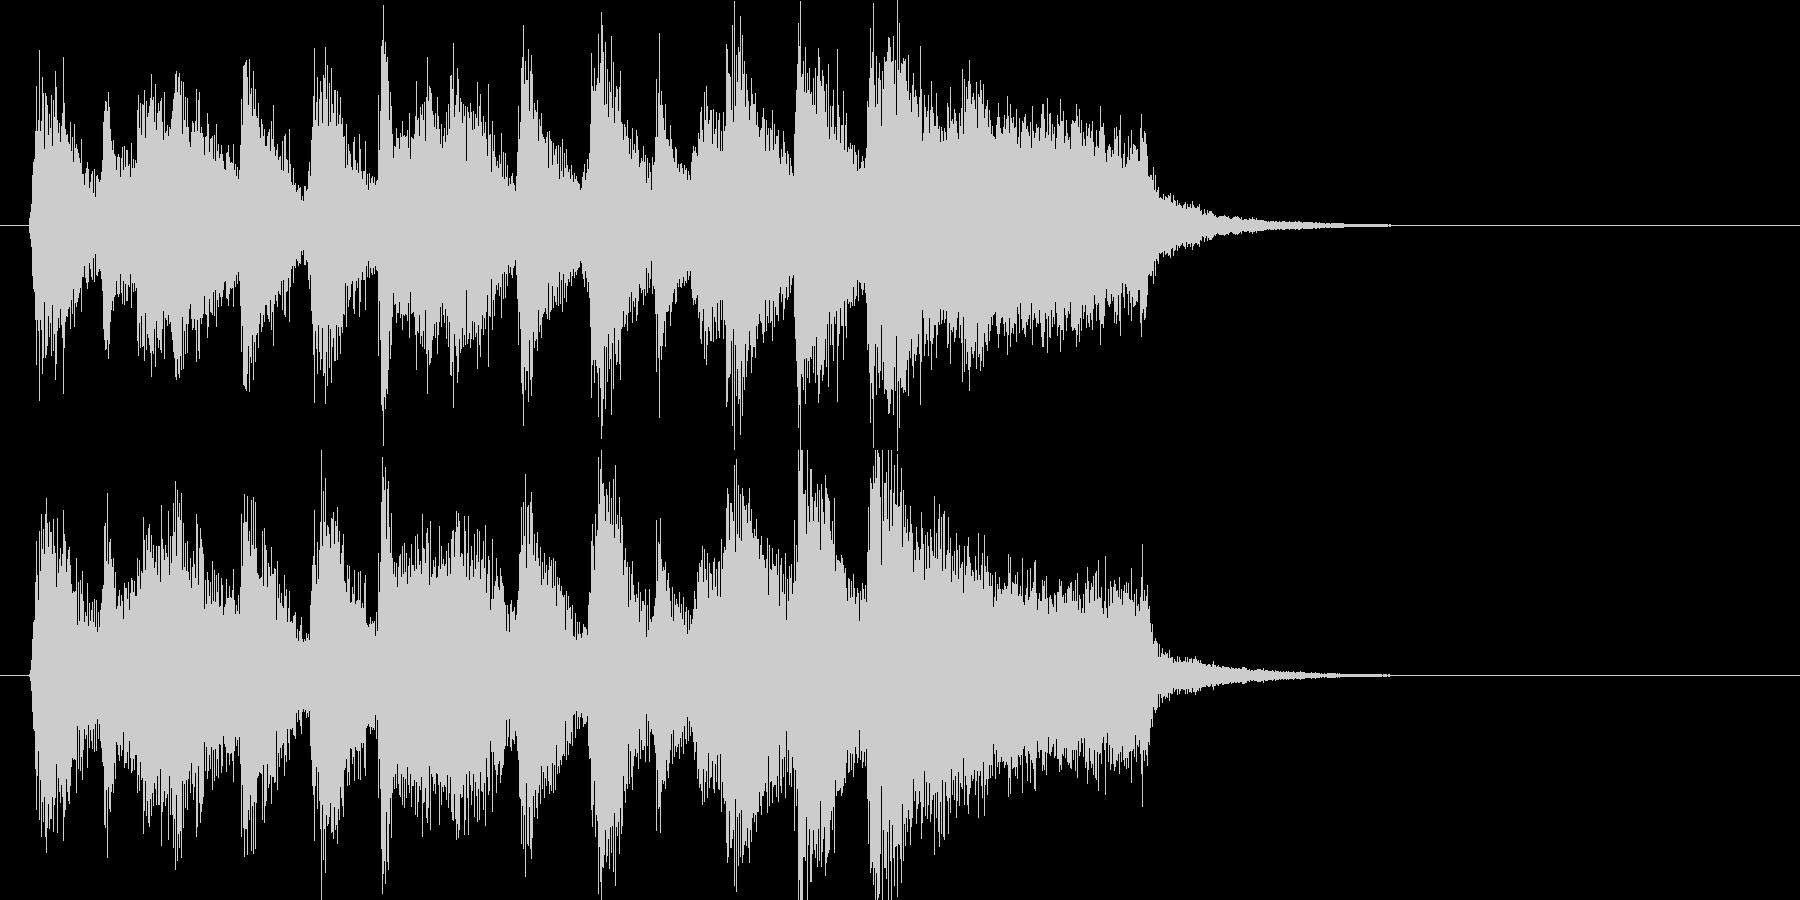 行進曲風のわくわくしてにぎやかなジングルの未再生の波形